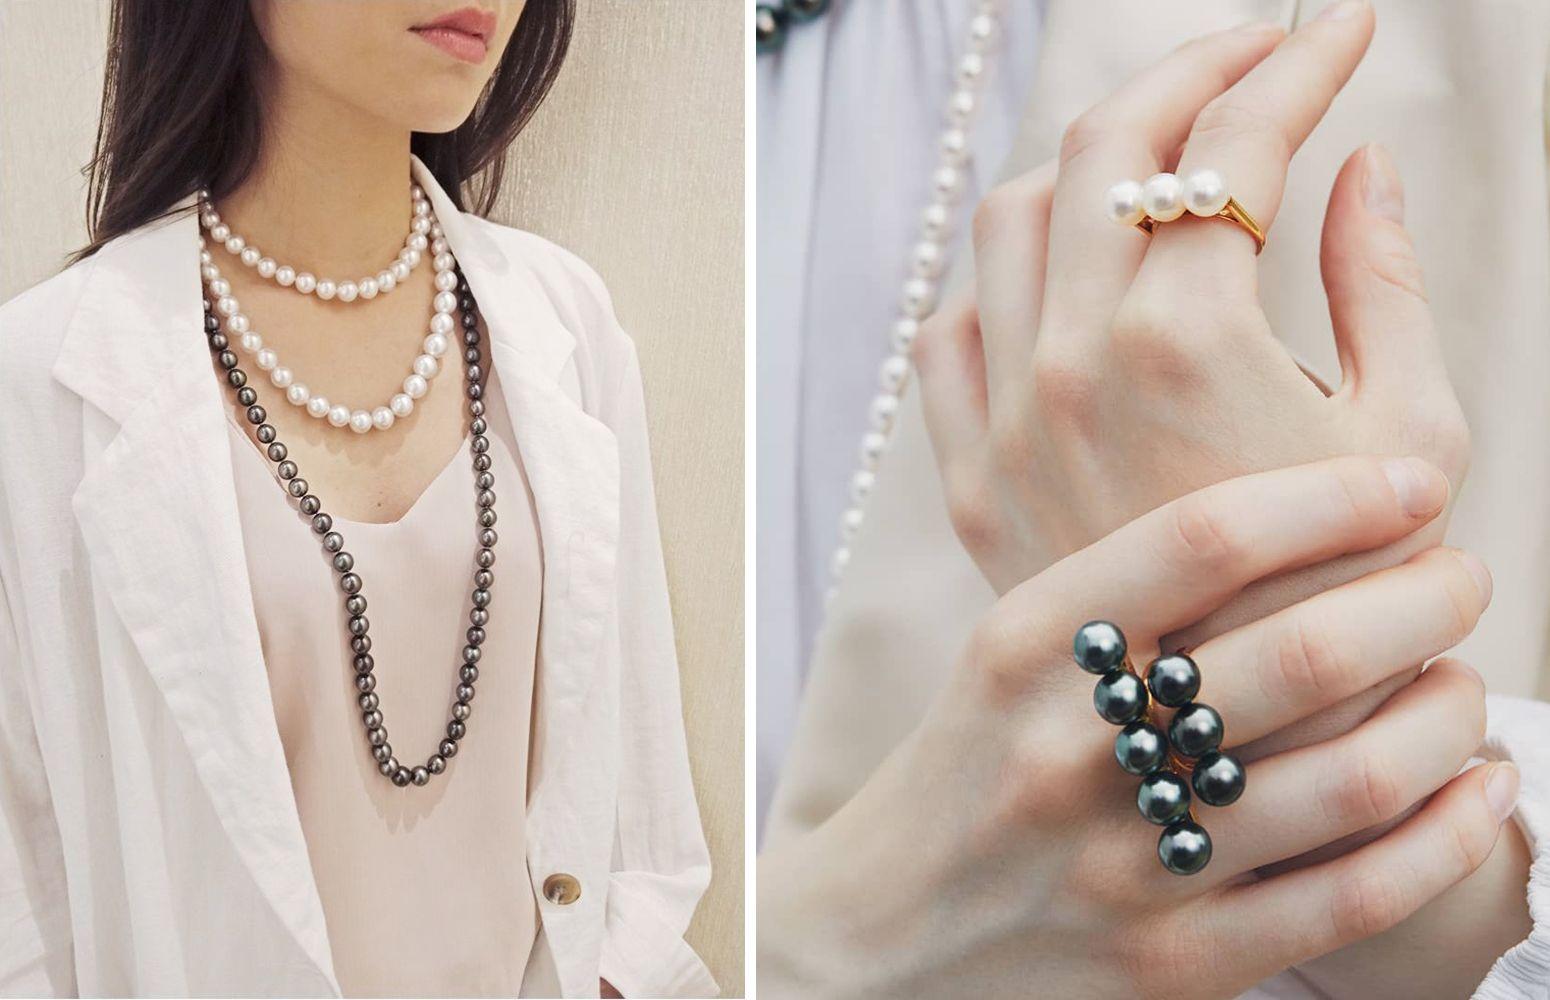 6月珍珠月這樣戴珍珠最時髦,南洋黑珍珠、粉色Akoya珠…用珍珠混搭出時髦帥氣感一點都不難